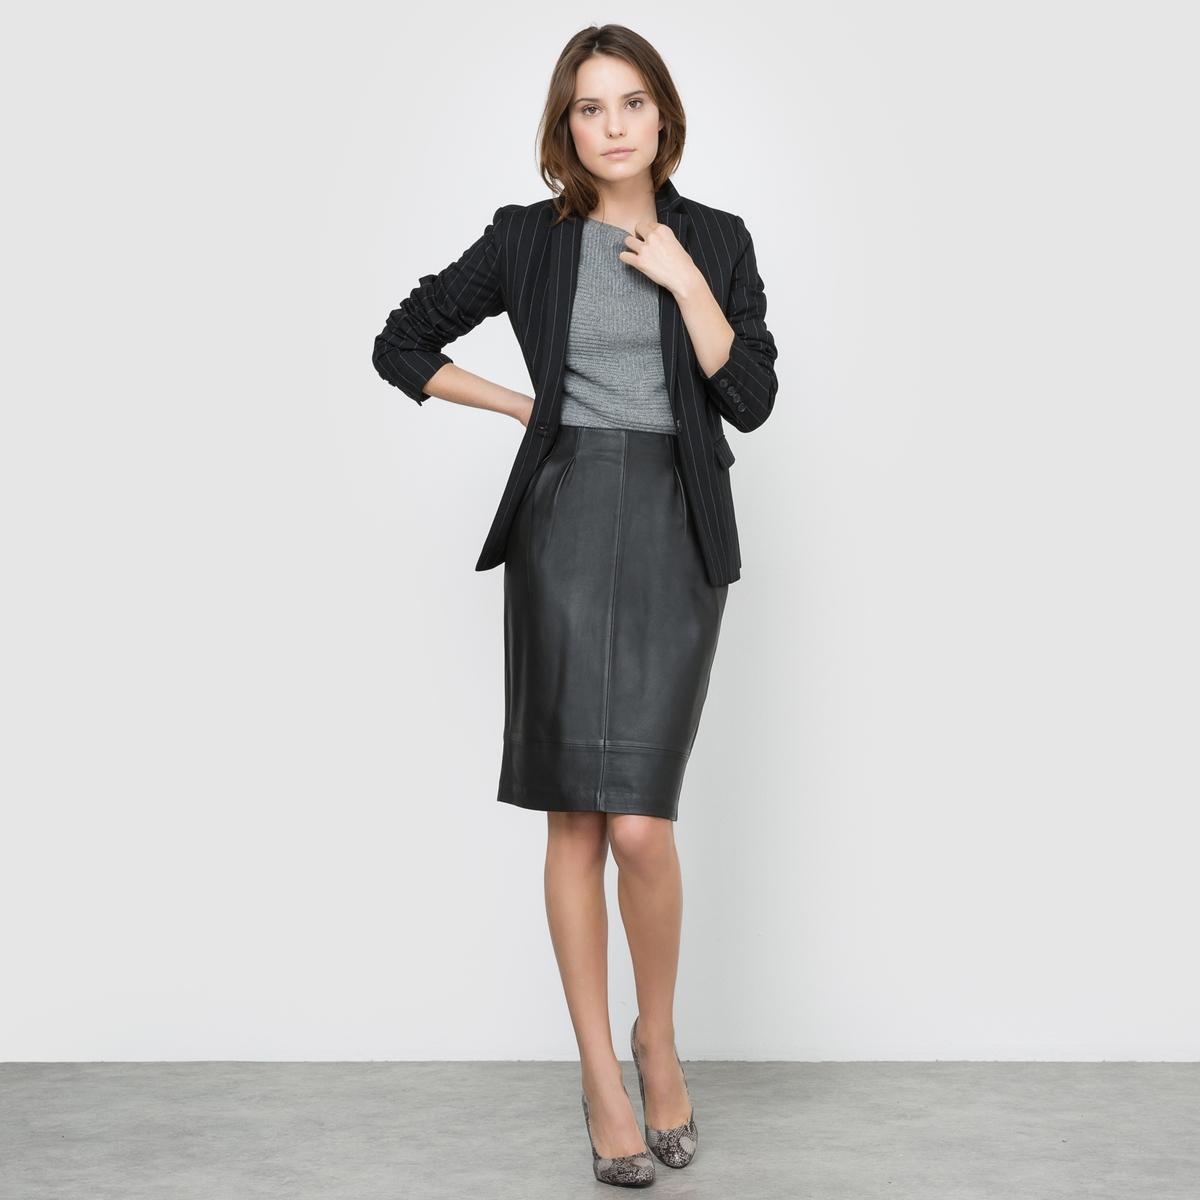 Жакет костюмный в полоскуСостав и описаниеМарка : Atelier RДлина : 65 смМатериал : Куртка 80% полиэстера, 18% вискозы, 2% эластана - Подкладка 100% полиэстераУходСухая чистка Гладить при низкой температуре с изнаночной стороны<br><br>Цвет: в полоску<br>Размер: 50 (FR) - 56 (RUS).42 (FR) - 48 (RUS).38 (FR) - 44 (RUS)